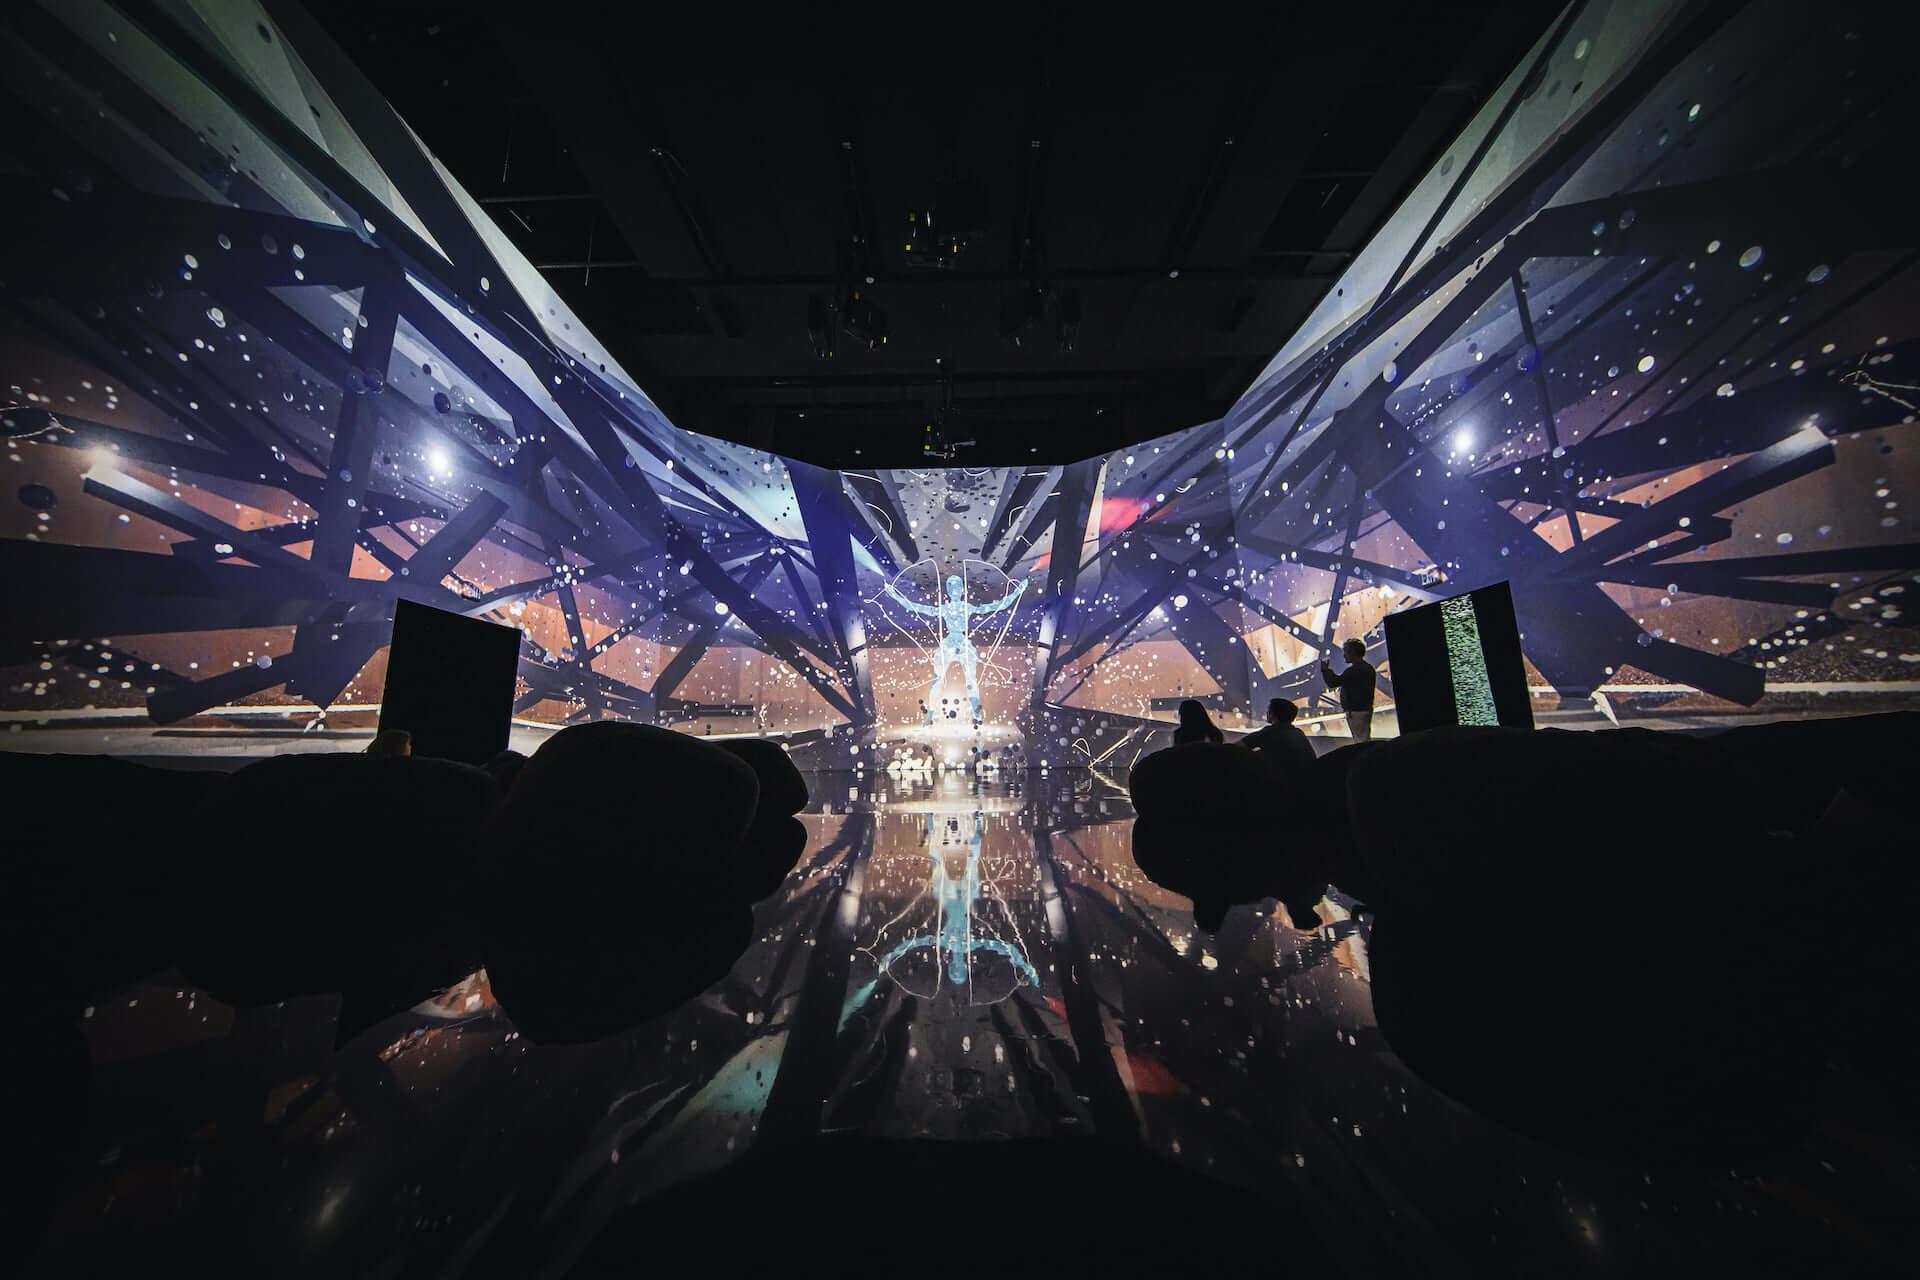 ライゾマティクス初の大規模個展<ライゾマティクス_マルティプレックス>が東京都現代美術館で明日開幕!新作インスタレーションなど多数展示 art210319_rhizomatiks_2-1920x1280